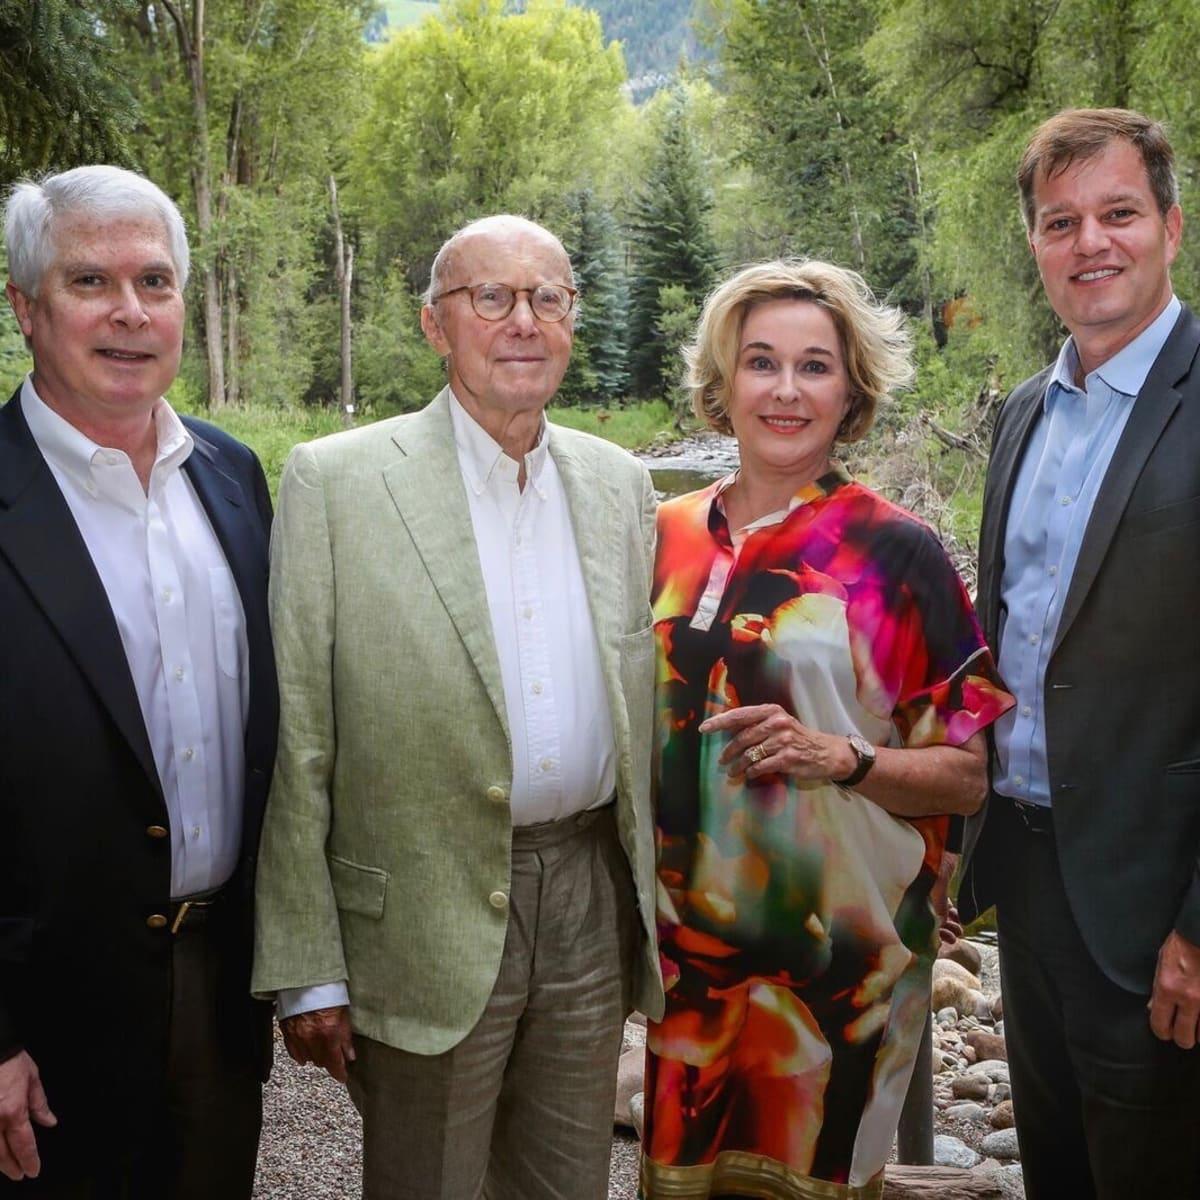 Dr. Marshall Hicks, Gerald Hines, Barbara Hines, Jim Ray at Aspen MD Anderson